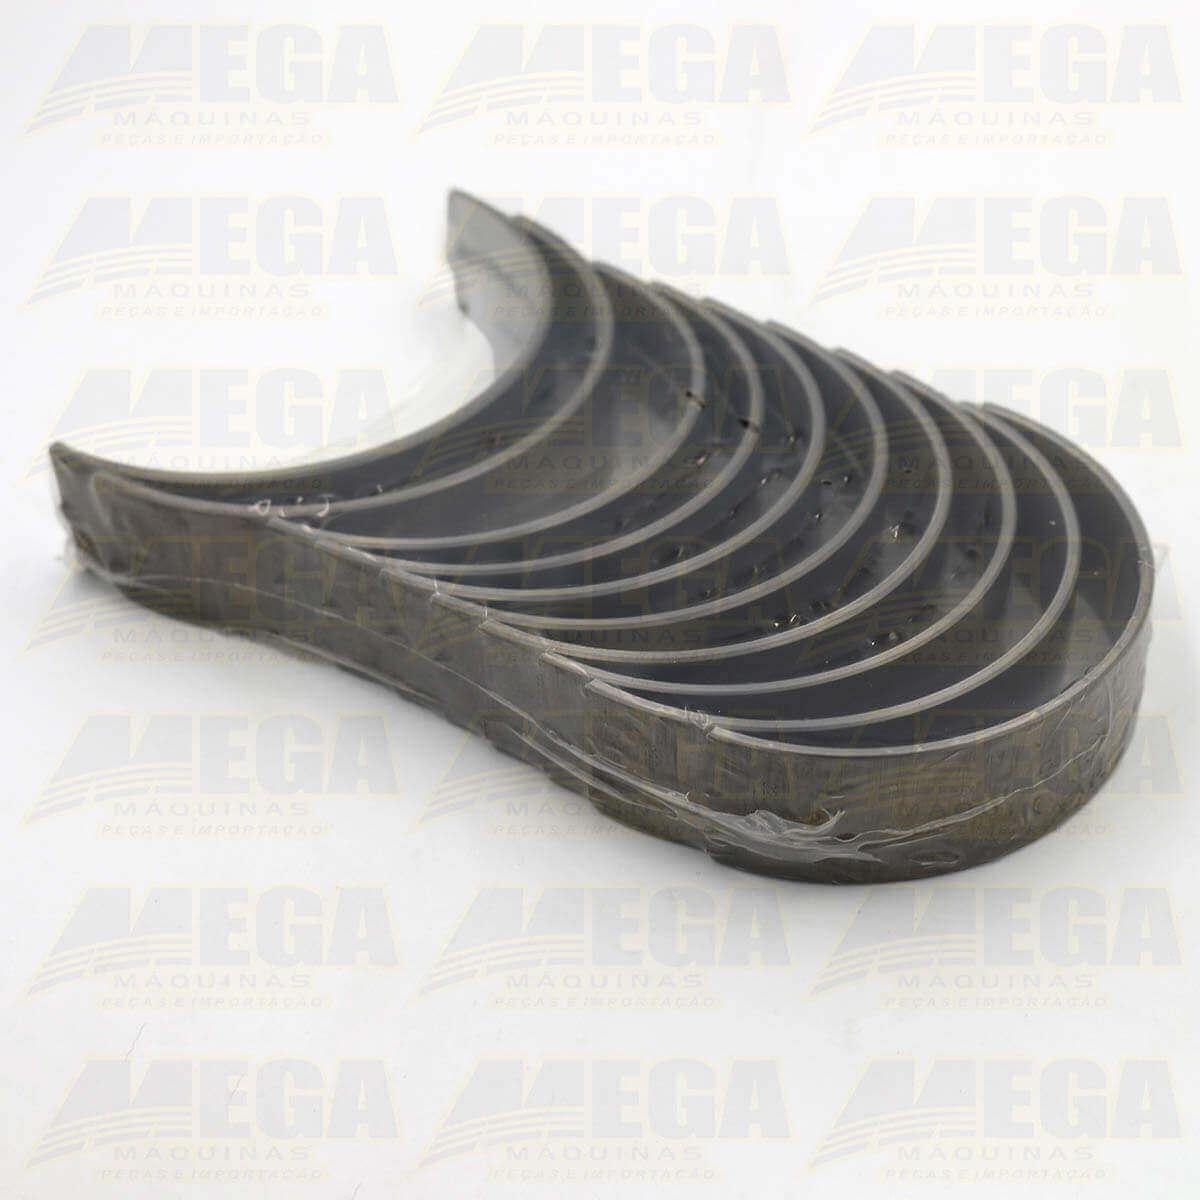 Kit de Bronzinas de Mancal 0.50mm 320/09204 32009204